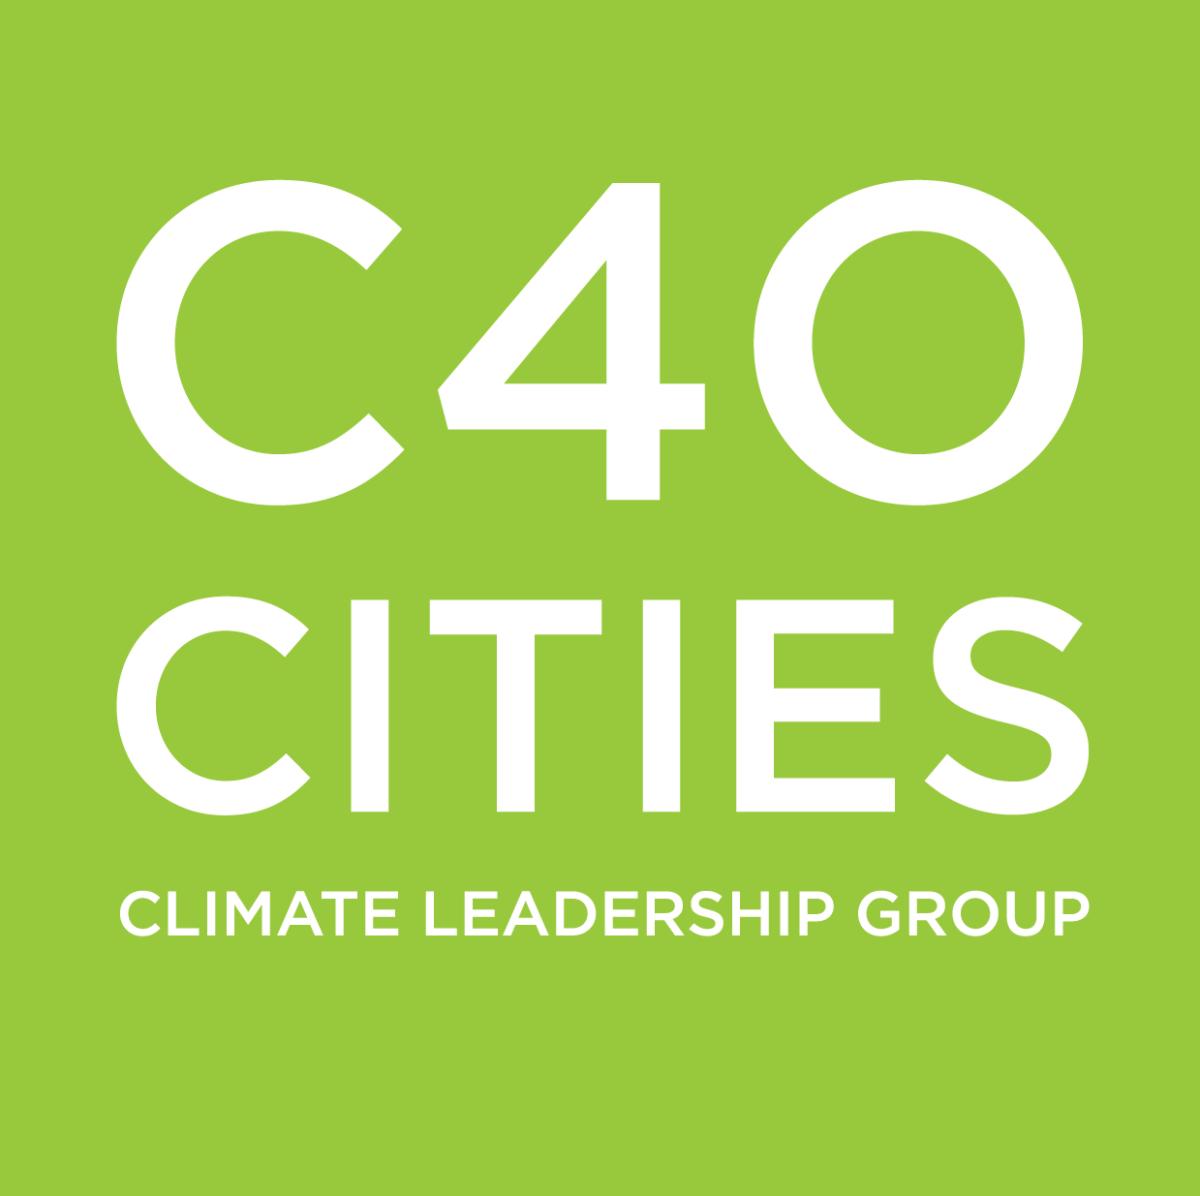 Stéphane Villecroze participe au forum C40 Divest / Invest à Londres le 20 mars 2019